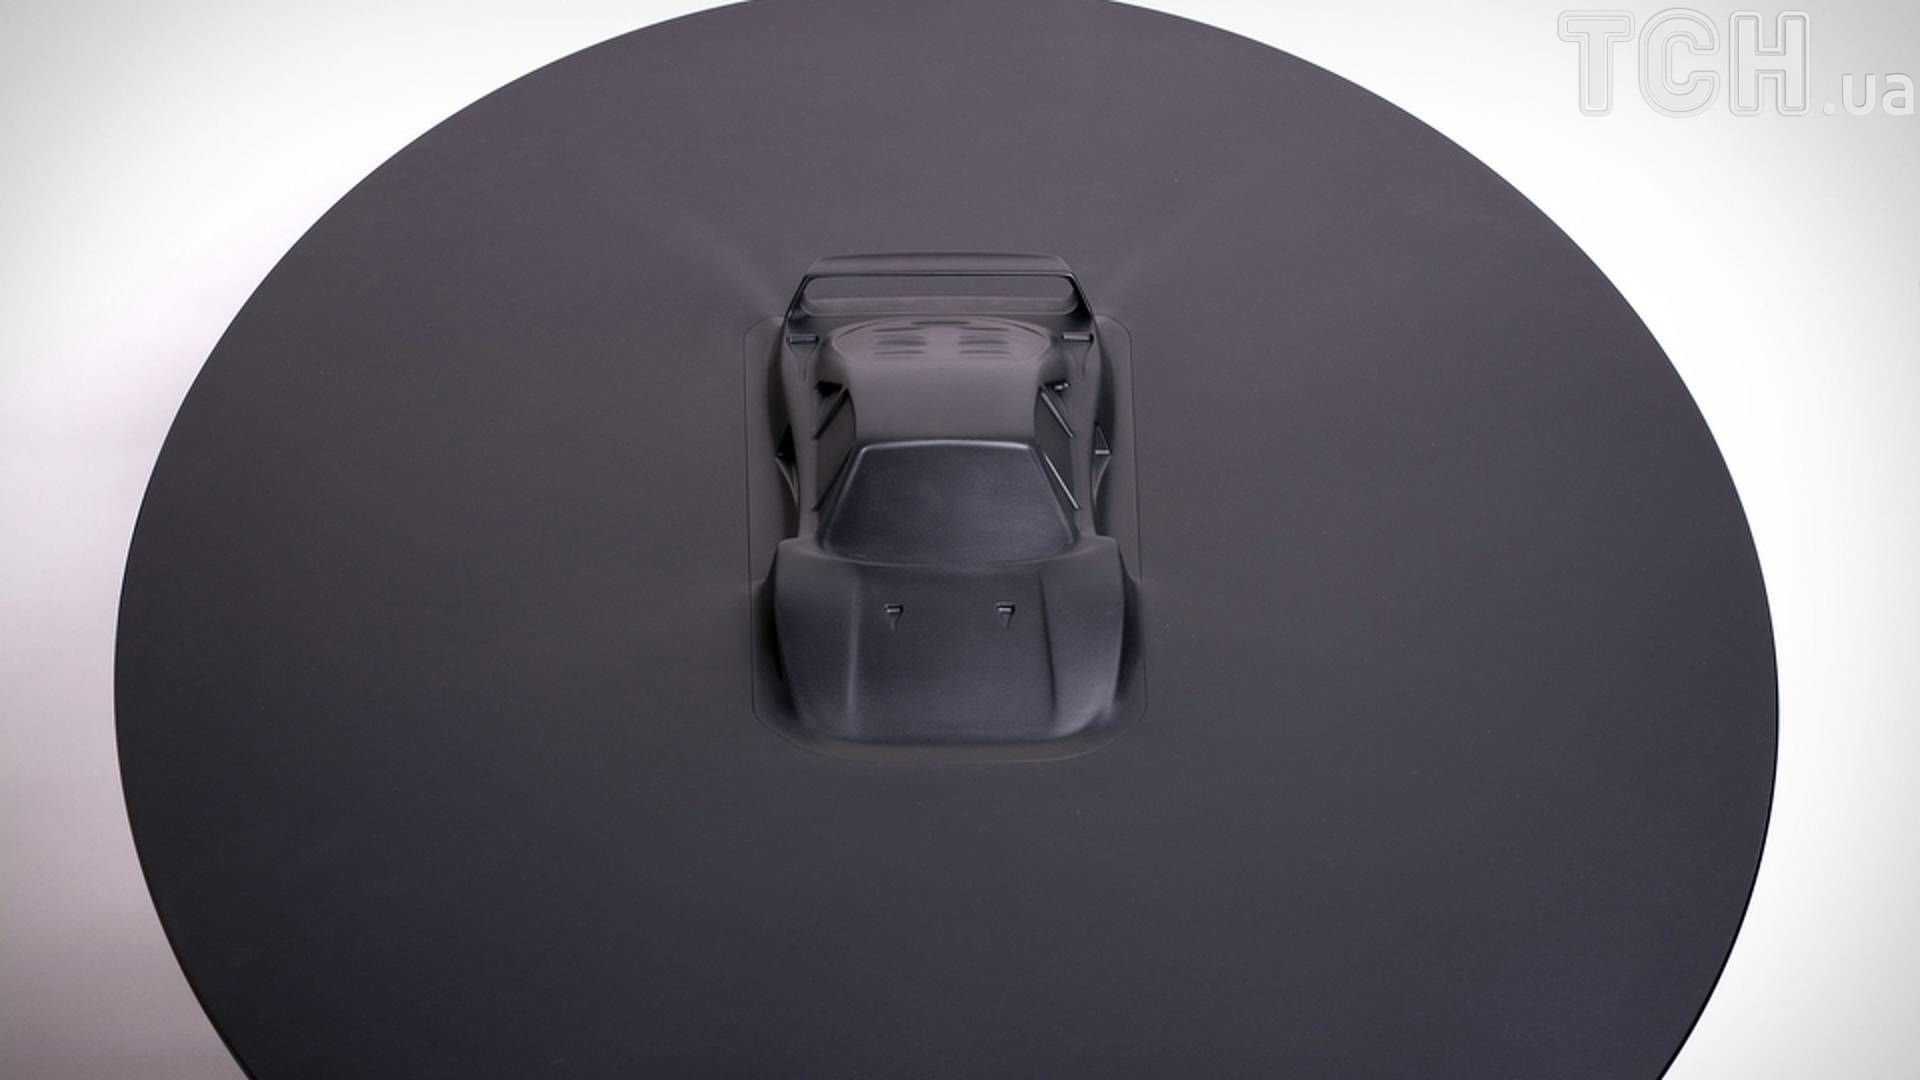 гаджет, столик, Ferrari